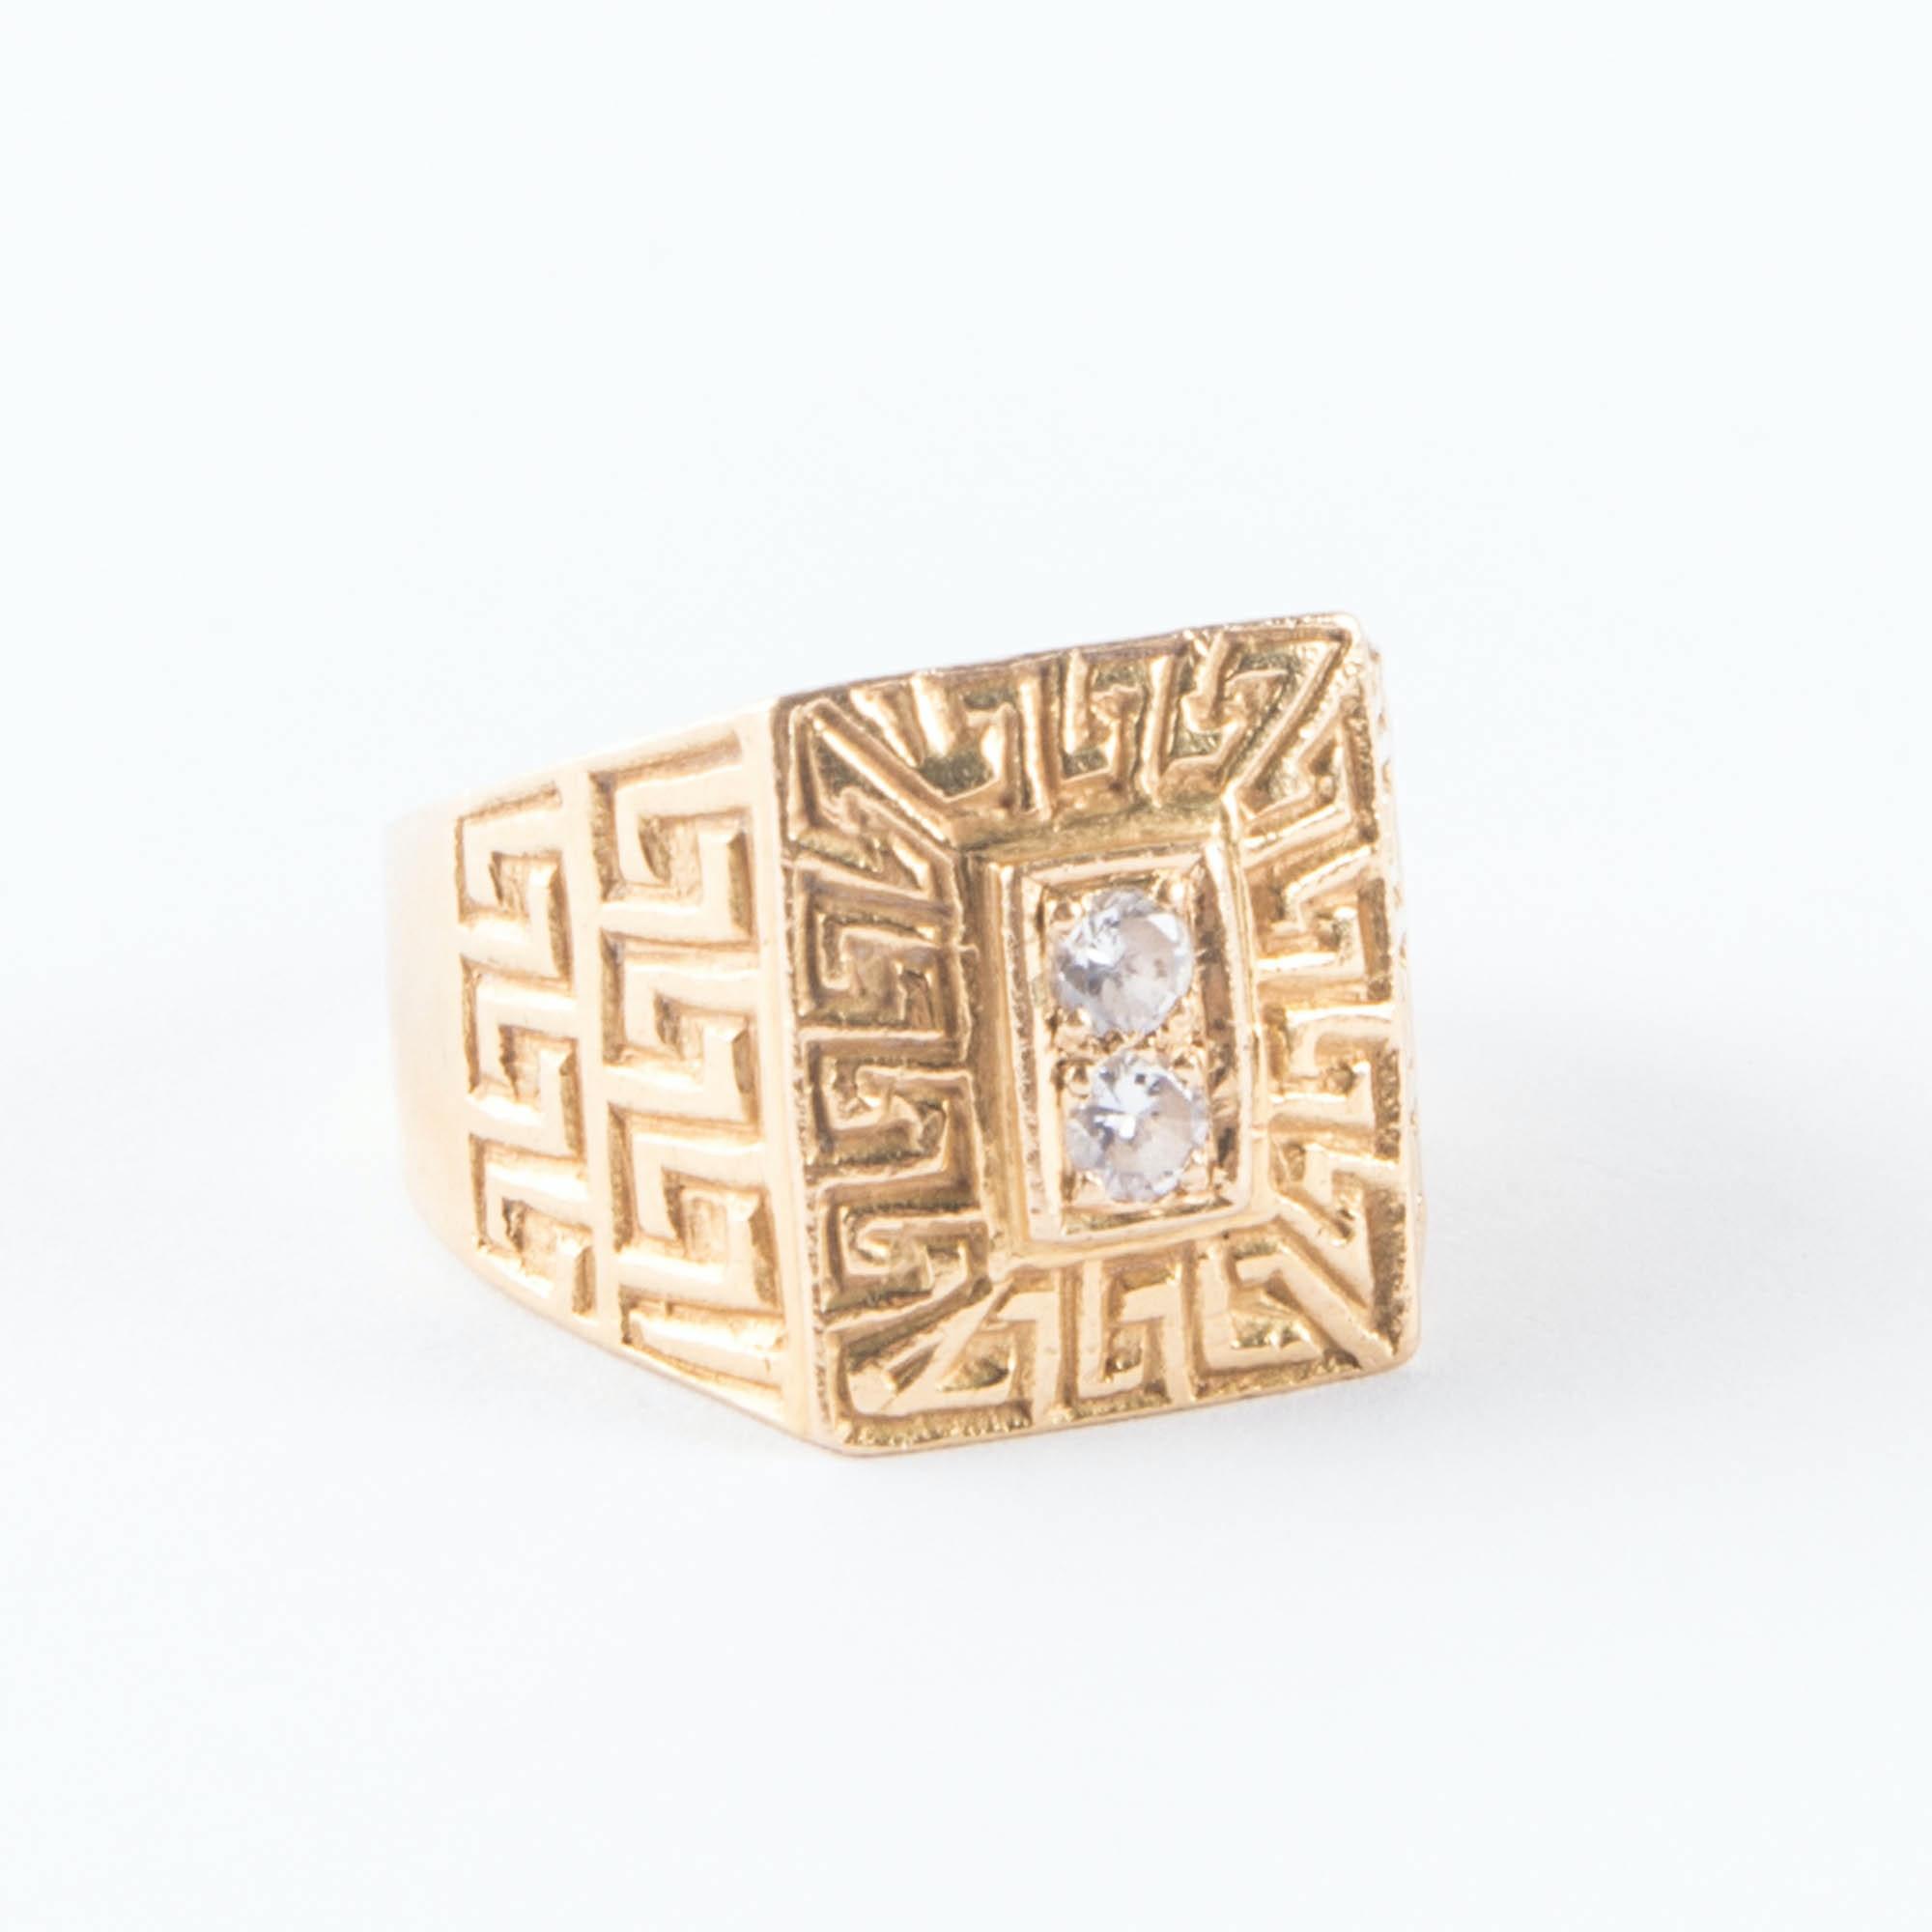 Rectangular 18K Gold Ring